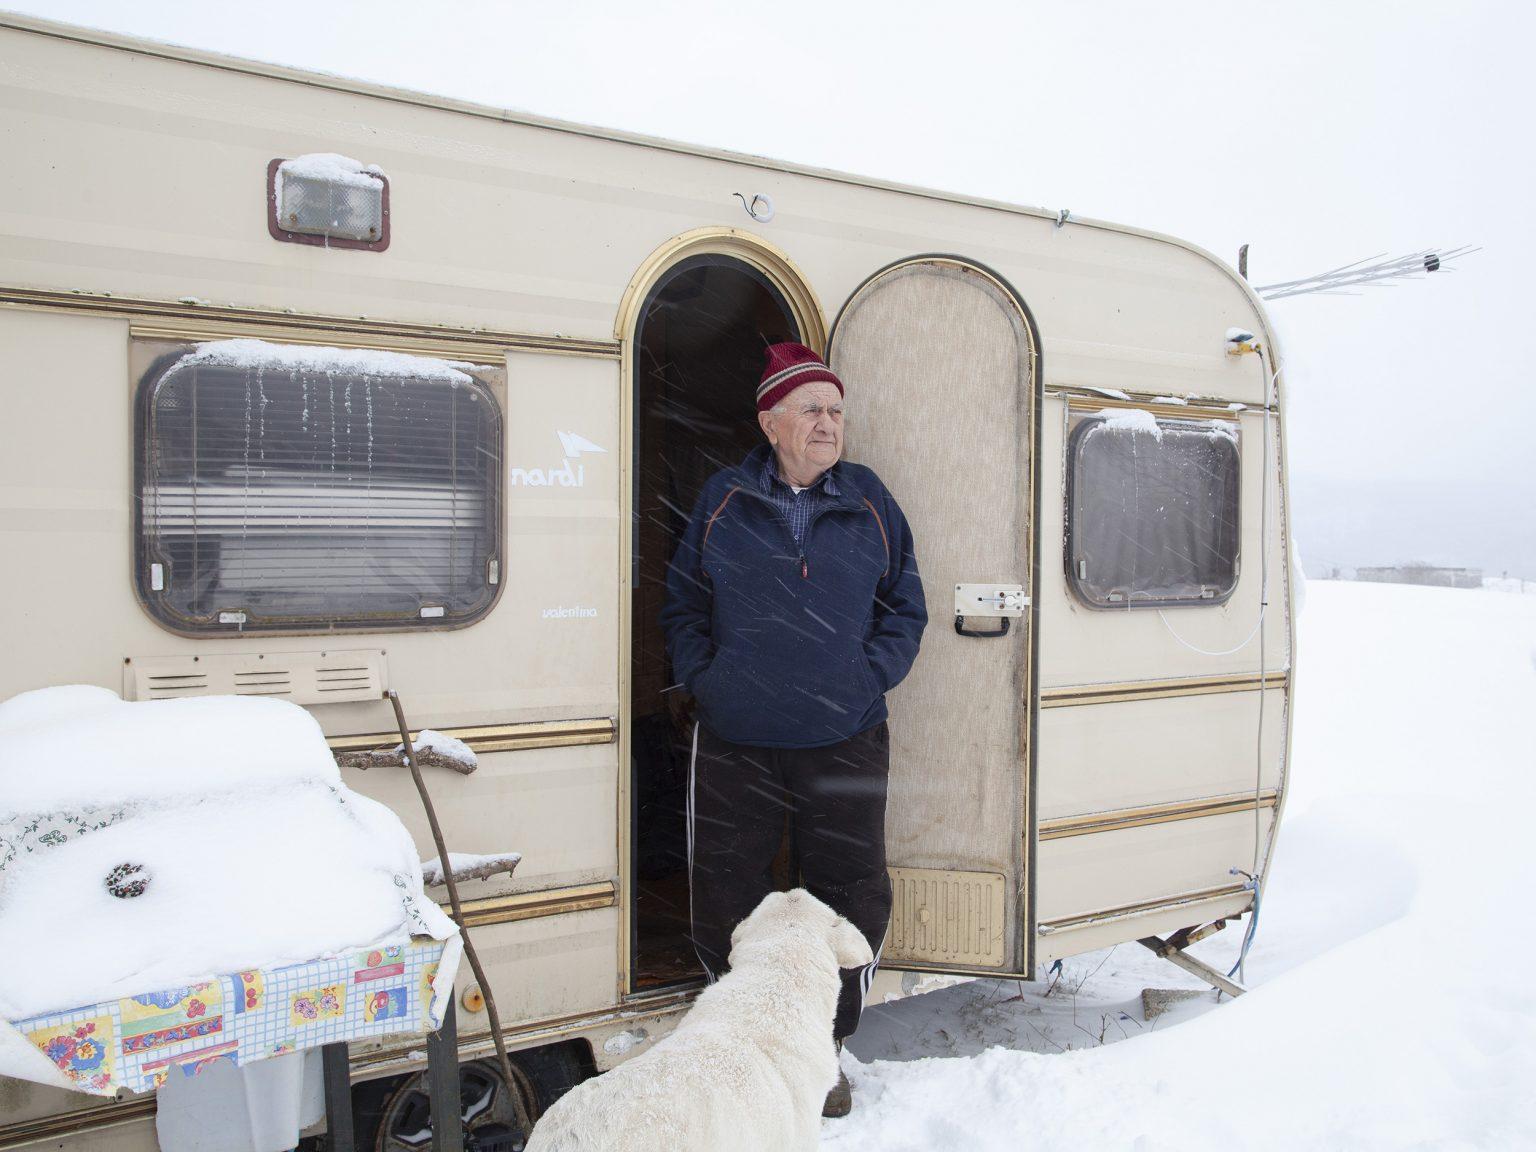 Accumoli, gennaio 2017 Marco Acquistucci, allevatore, nella roulotte che usa per ripararsi quando lavora nel suo terreno.